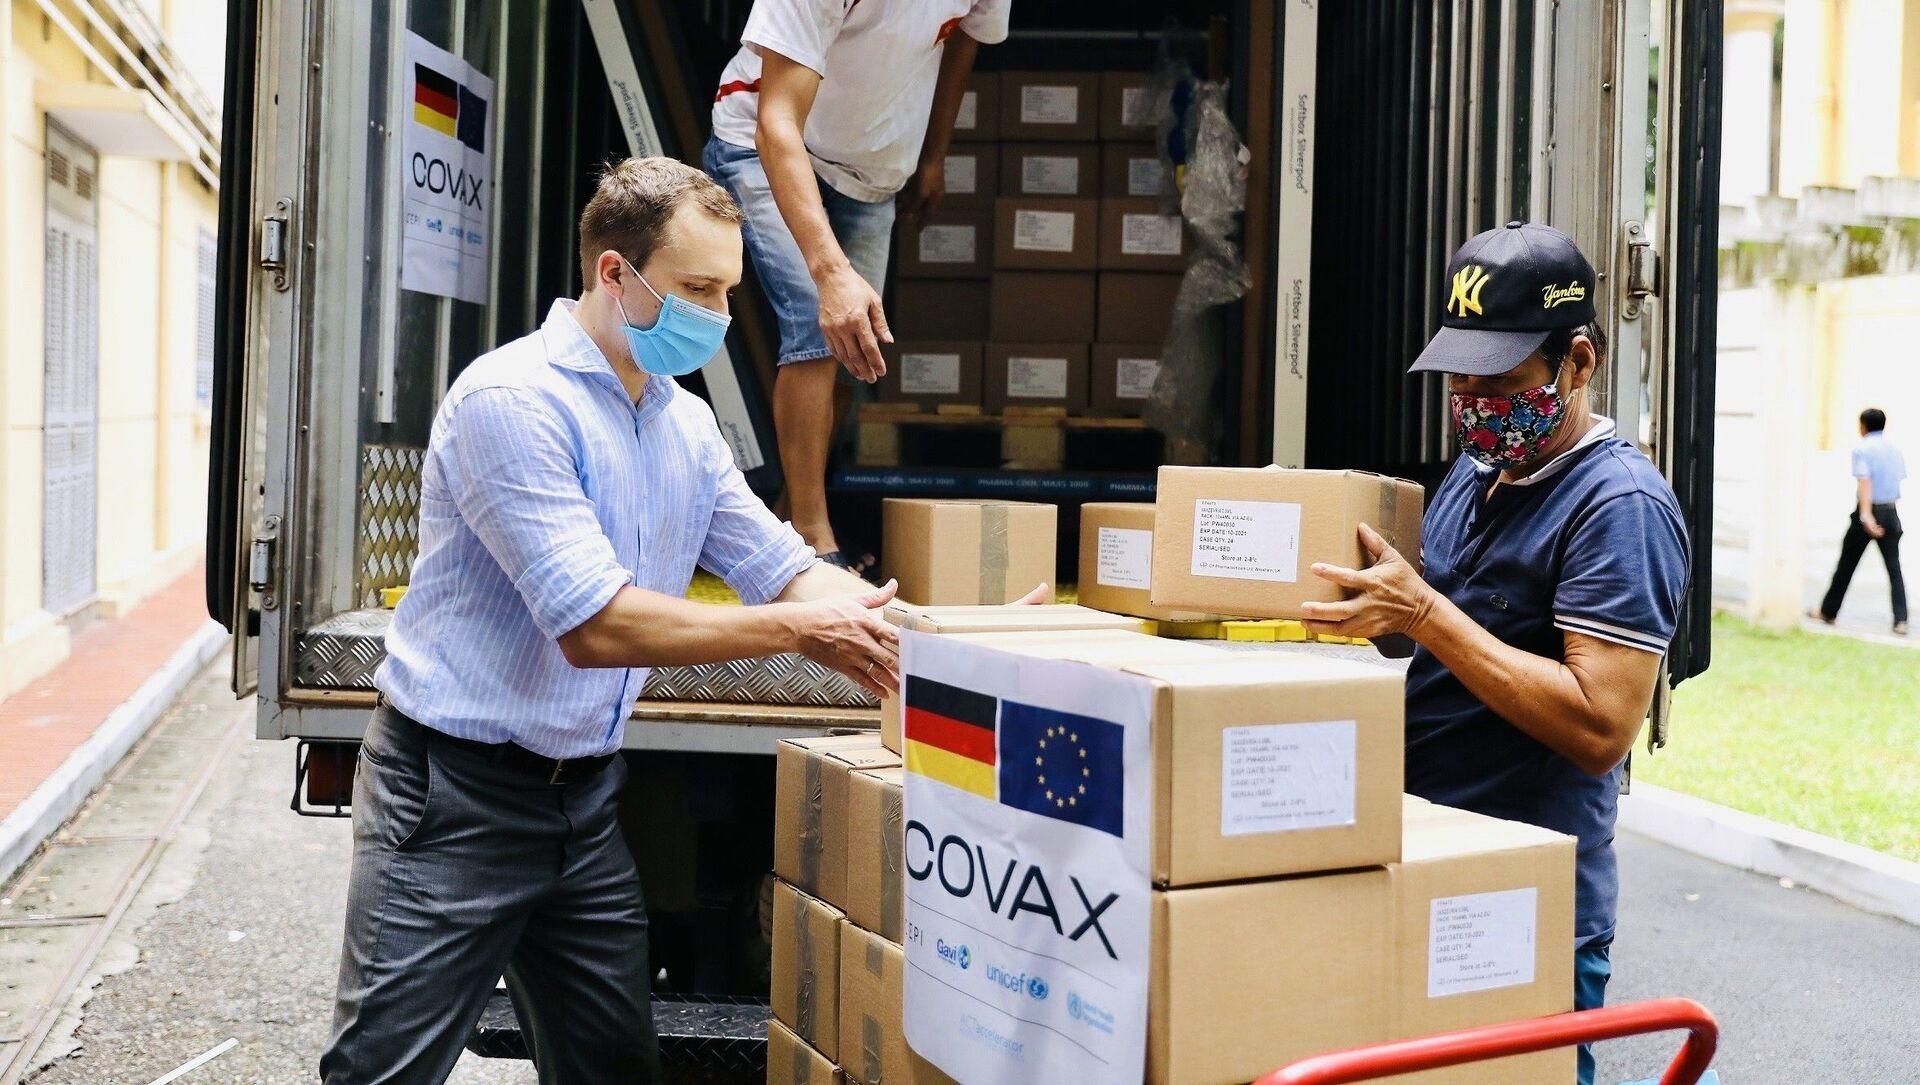 Đức hỗ trợ Việt Nam 852.480 liều vaccine qua cơ chế COVAX - Sputnik Việt Nam, 1920, 16.09.2021